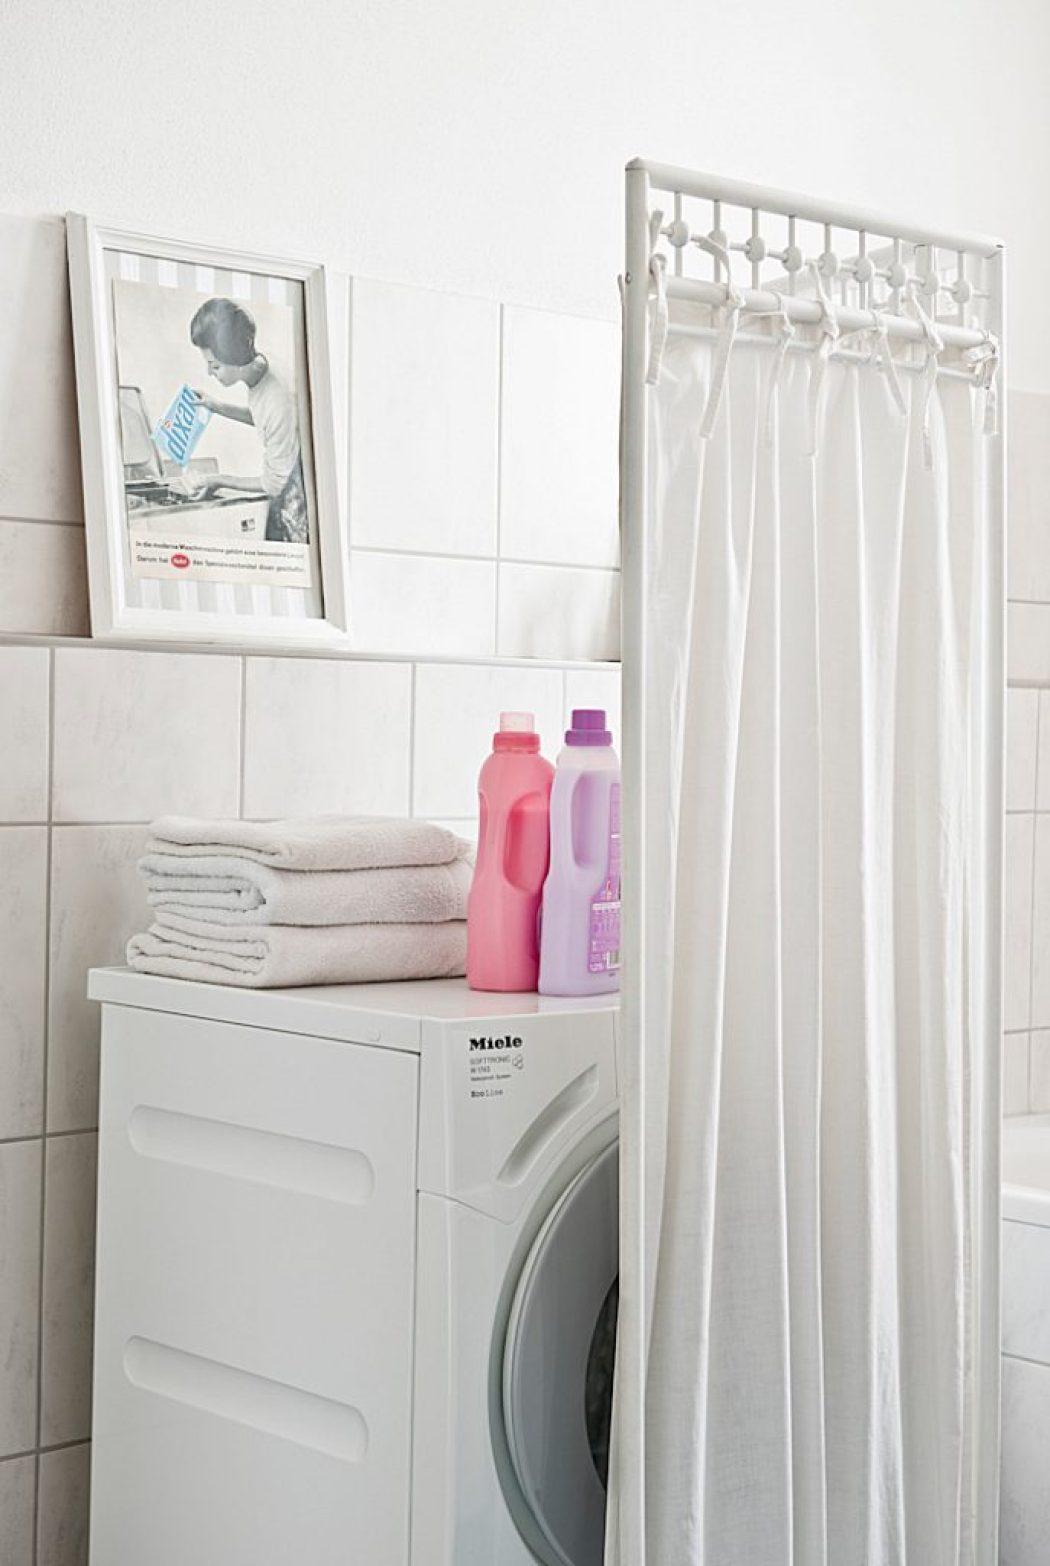 MUndwasser macht die Waschmaschine froh